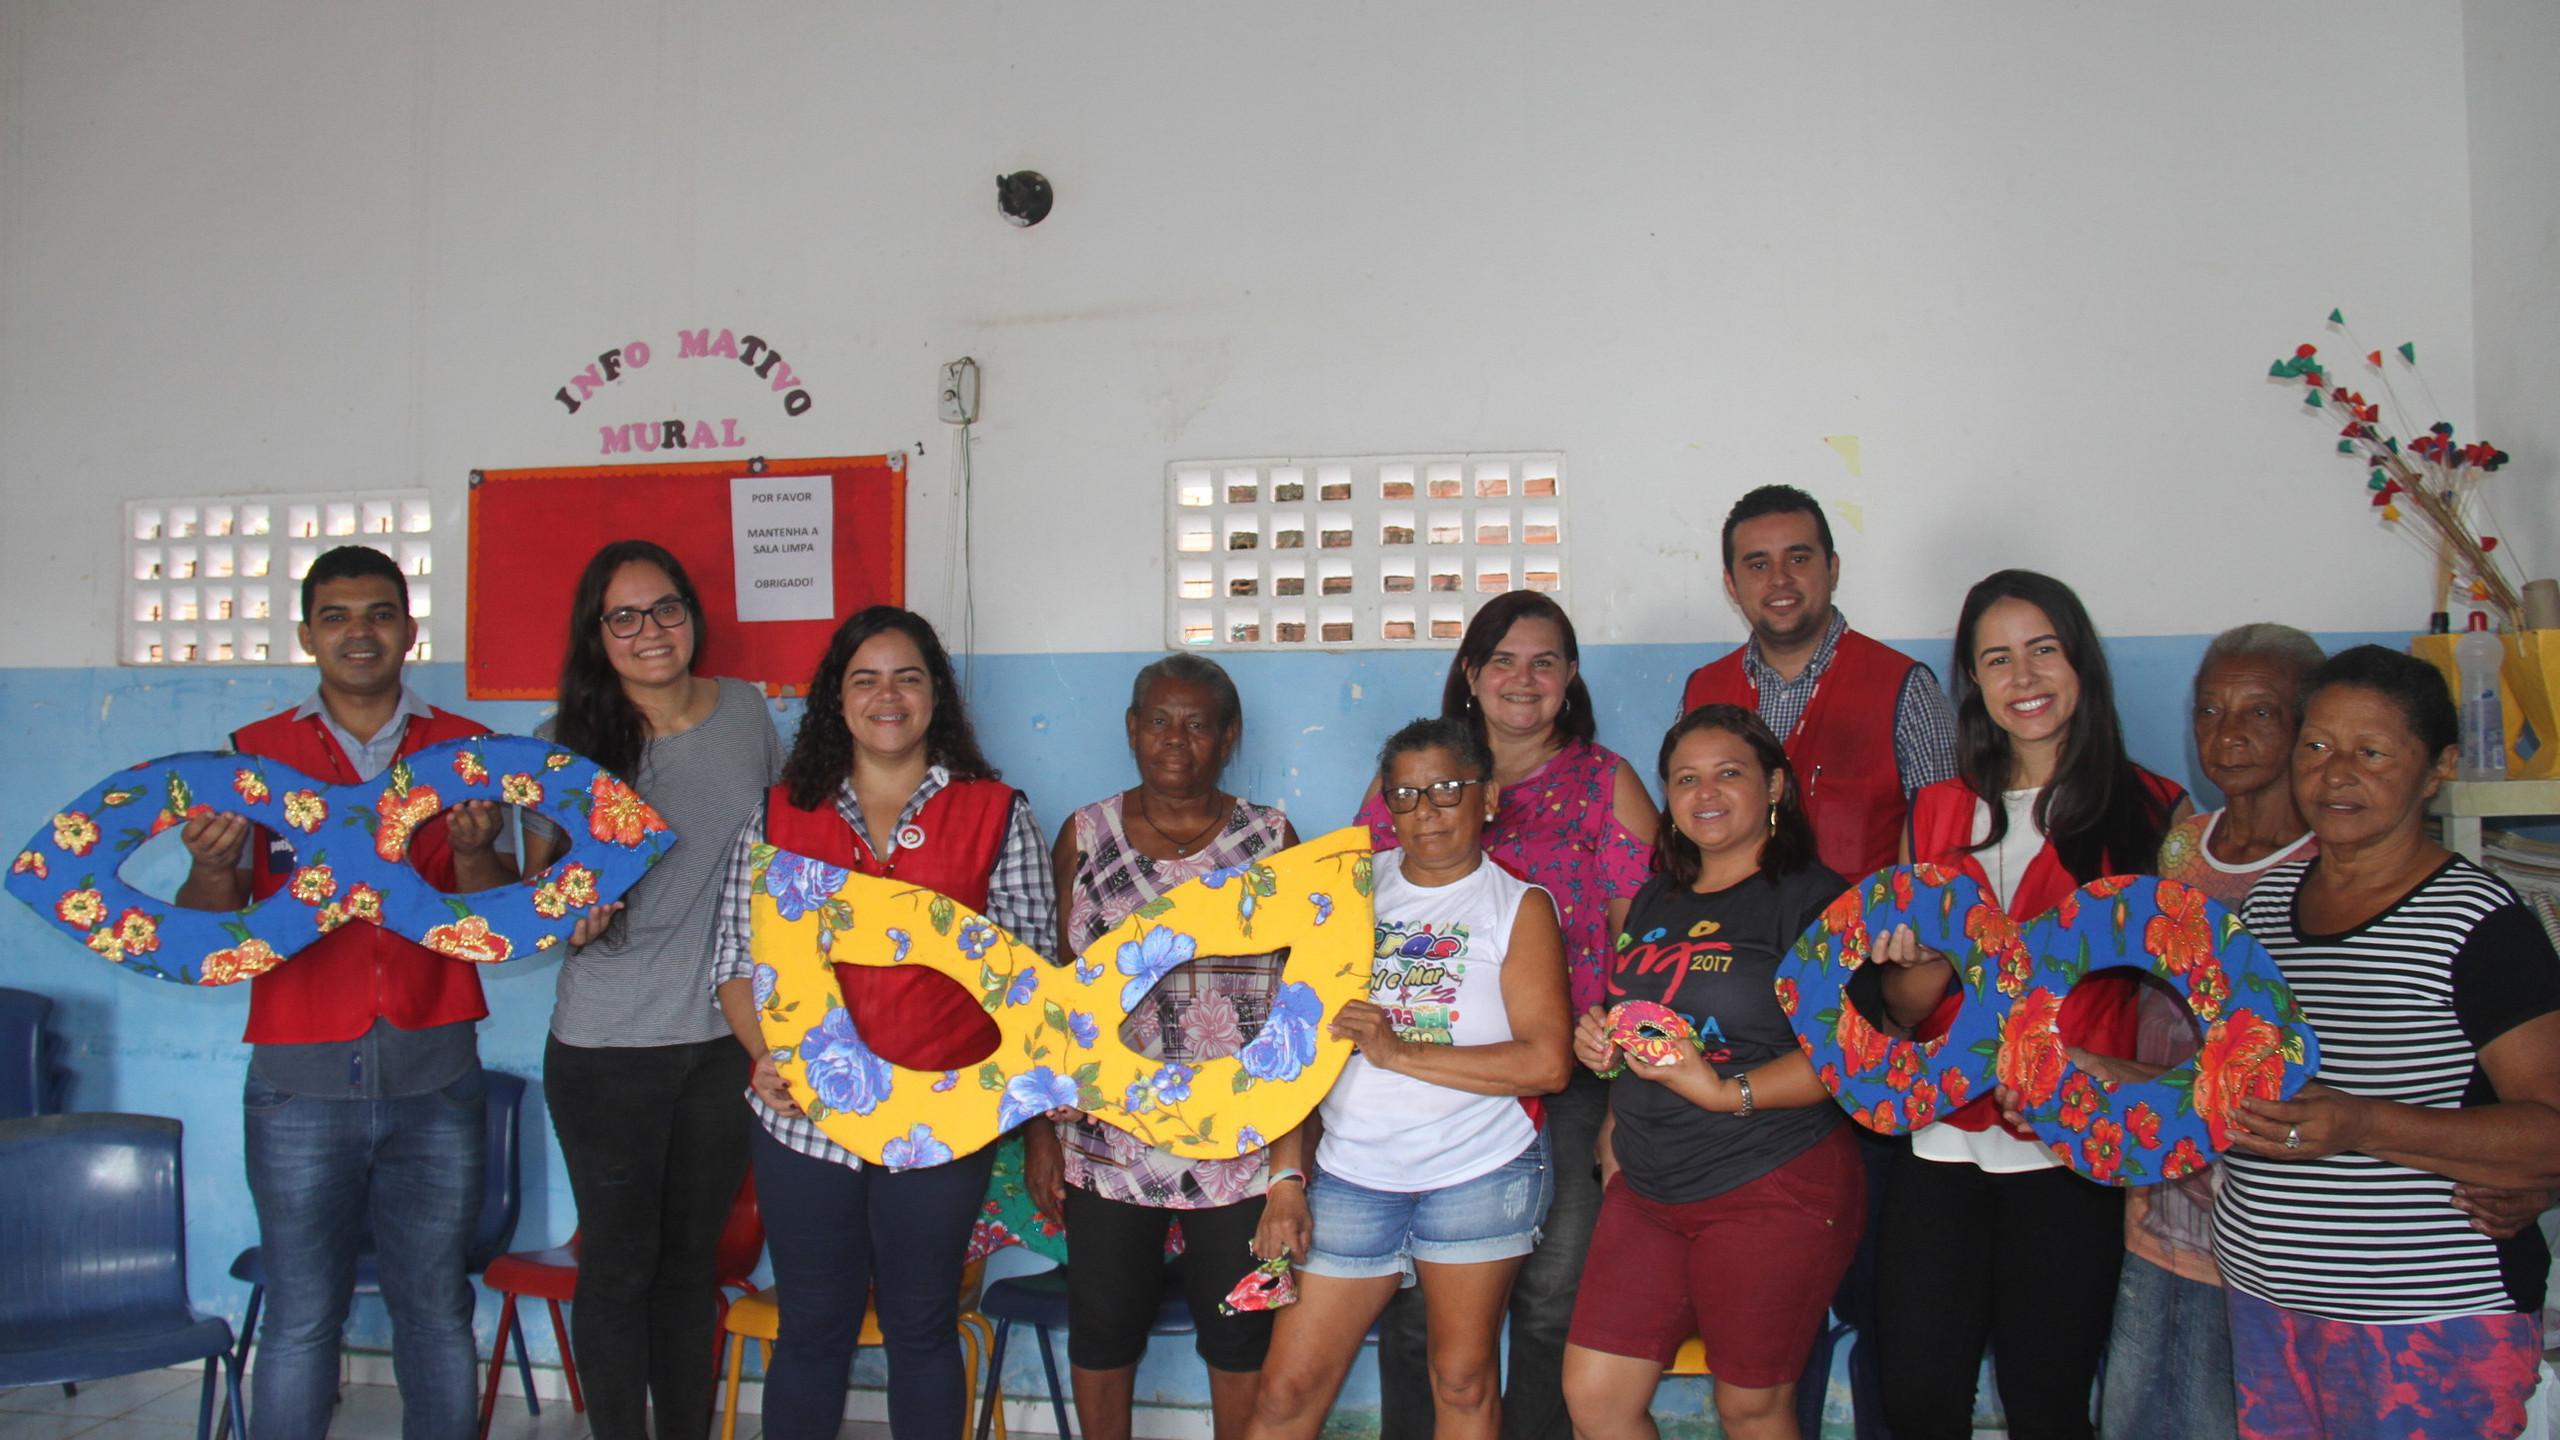 Os representantes da Potiguar Anderson Penha, Thaylana Sousa , Adriano Pestana e Camila Brasil e com o grupo de idosas do Sol e Mar que aprenderam a confeccionar máscaras recicladas com patrocínio da empresa.